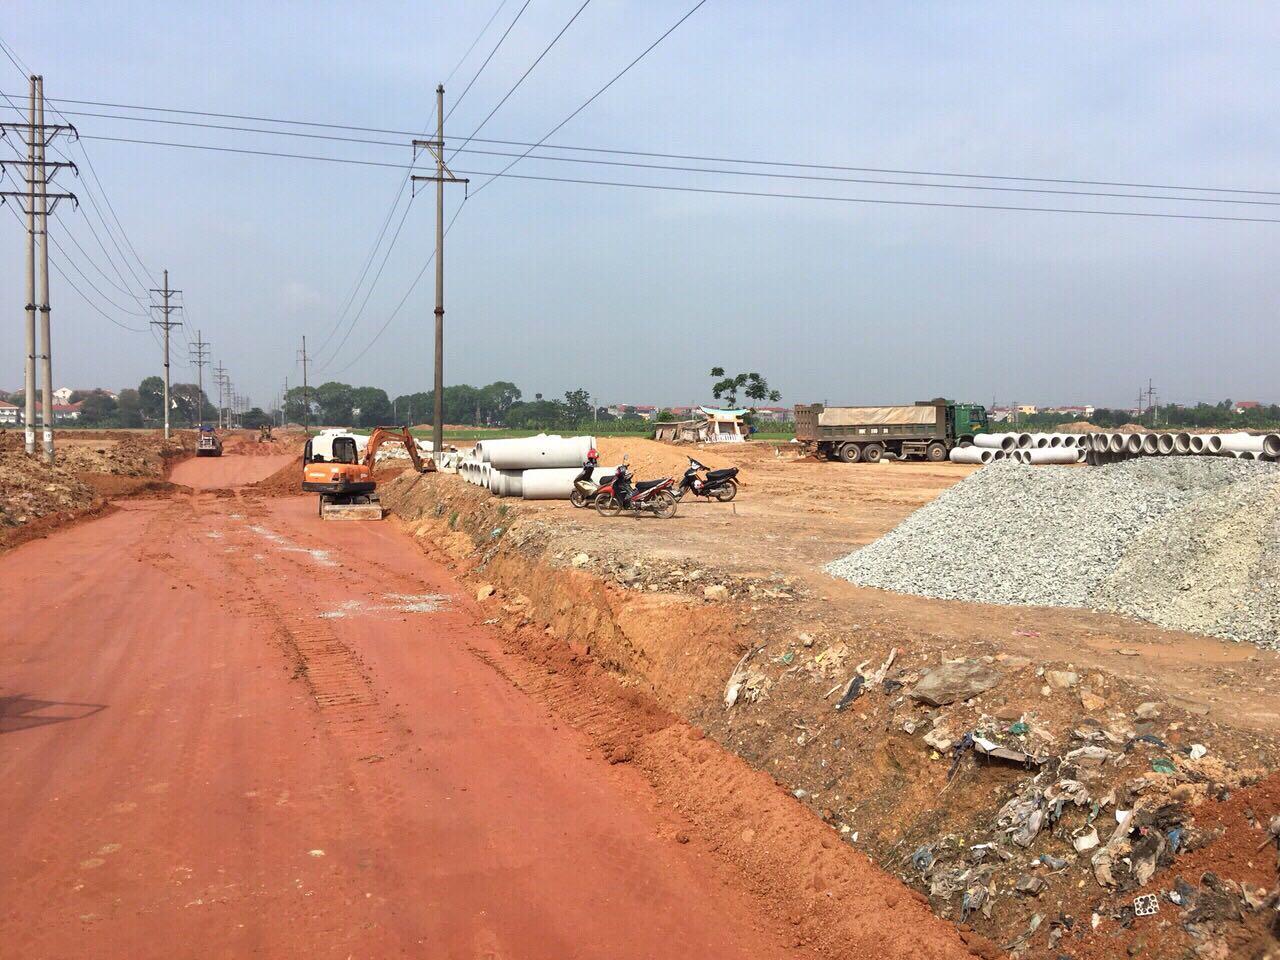 Diện mạo dự án TMS Grand City Phúc Yên đang ngày càng thay đổi rõ rệt